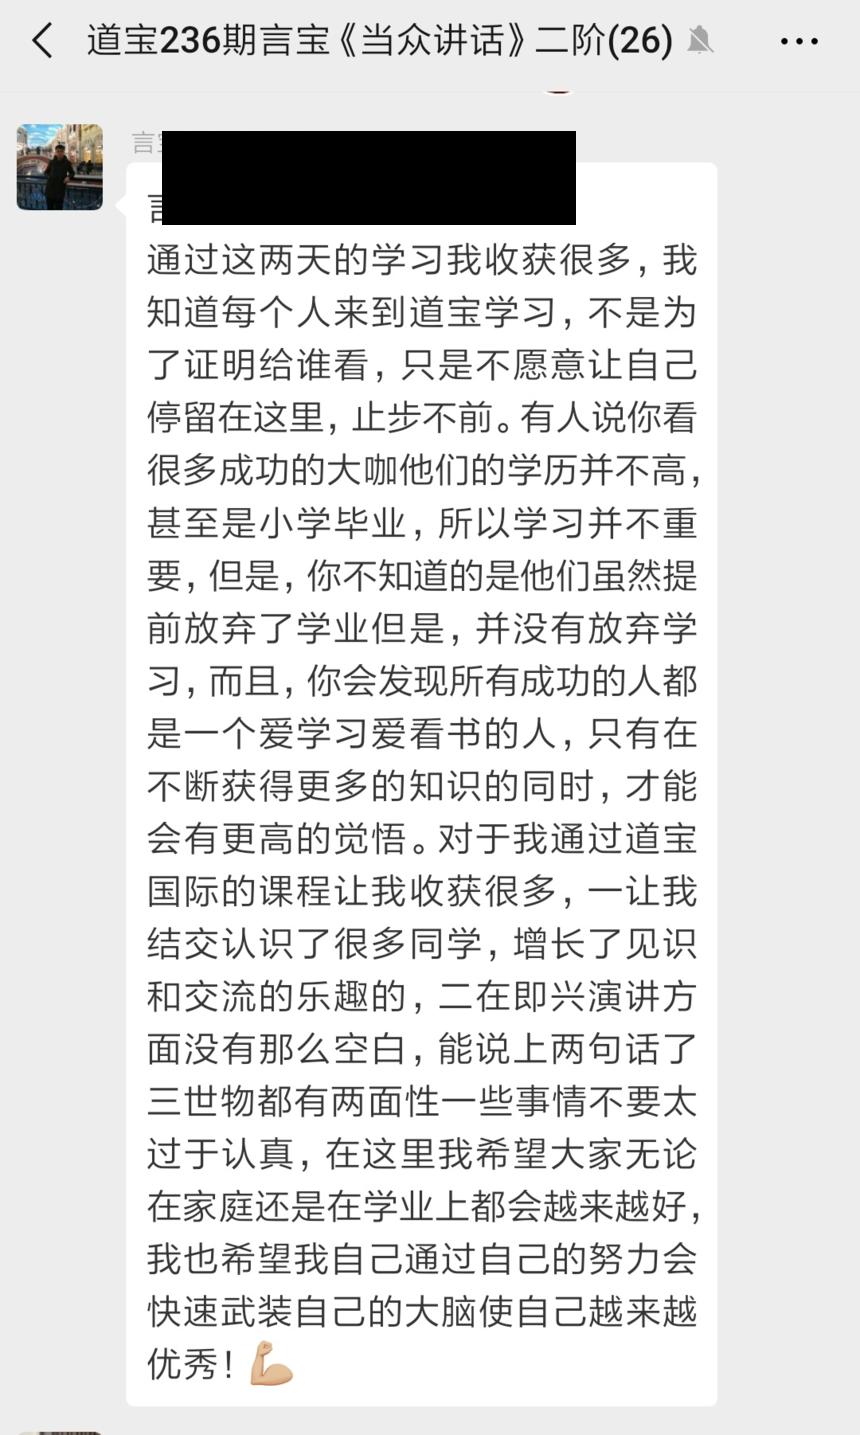 Screenshot_2019-05-22-14-38-50-940_com.tencent.mm.png